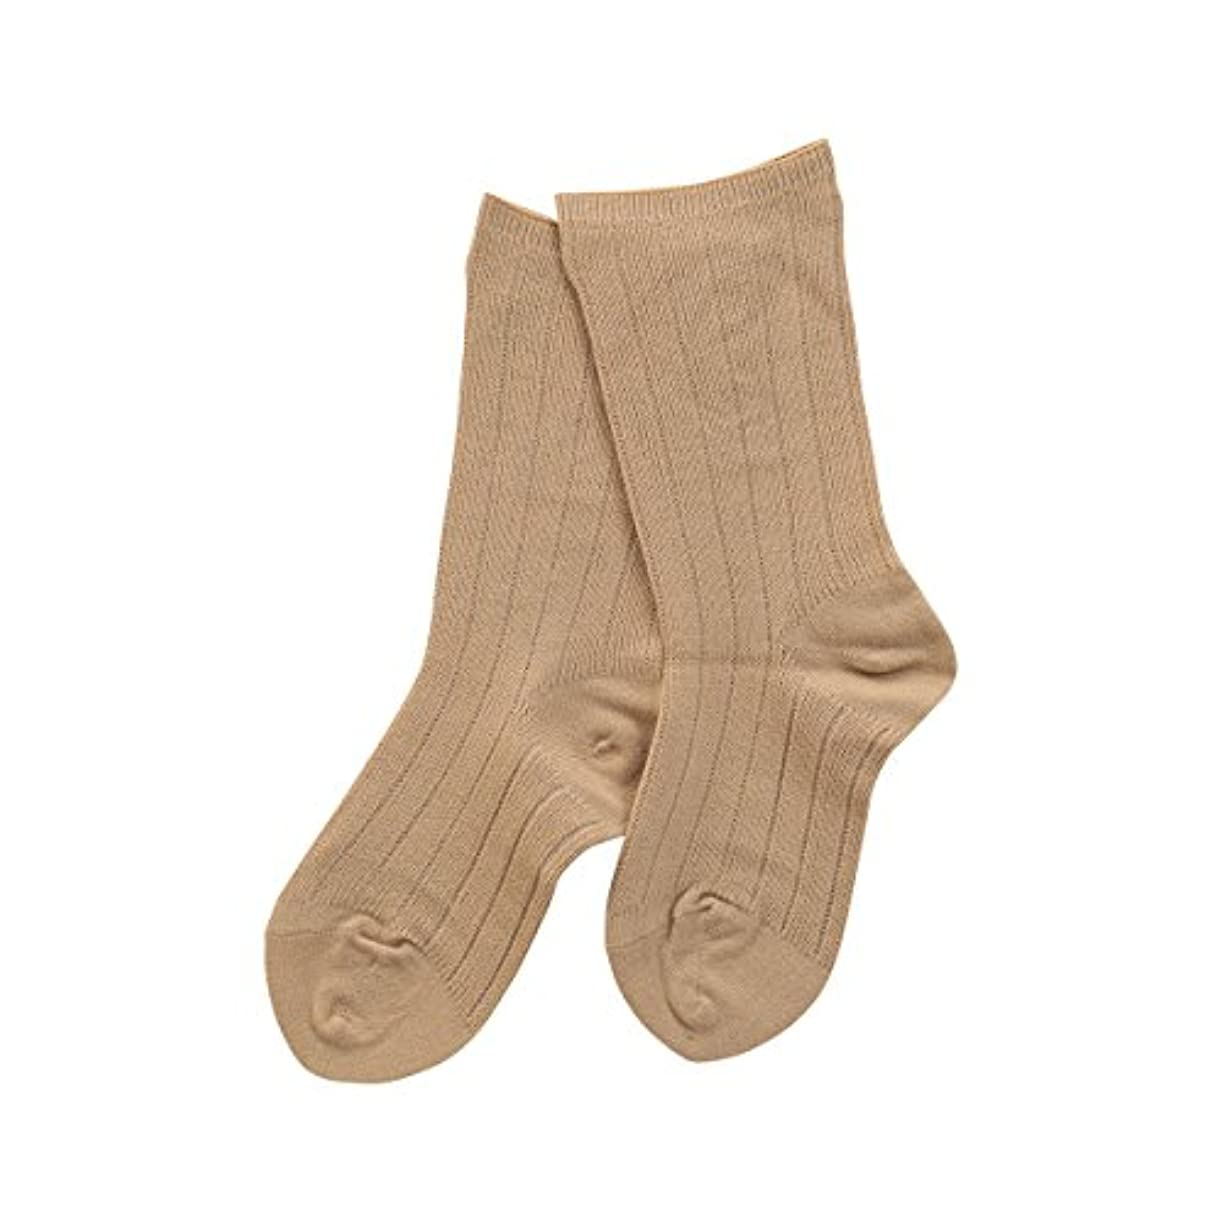 解凍する、雪解け、霜解け確立しますエンジニアリング(コベス) KOBES ゴムなし 毛混 超ゆったり靴下 日本製 婦人靴下